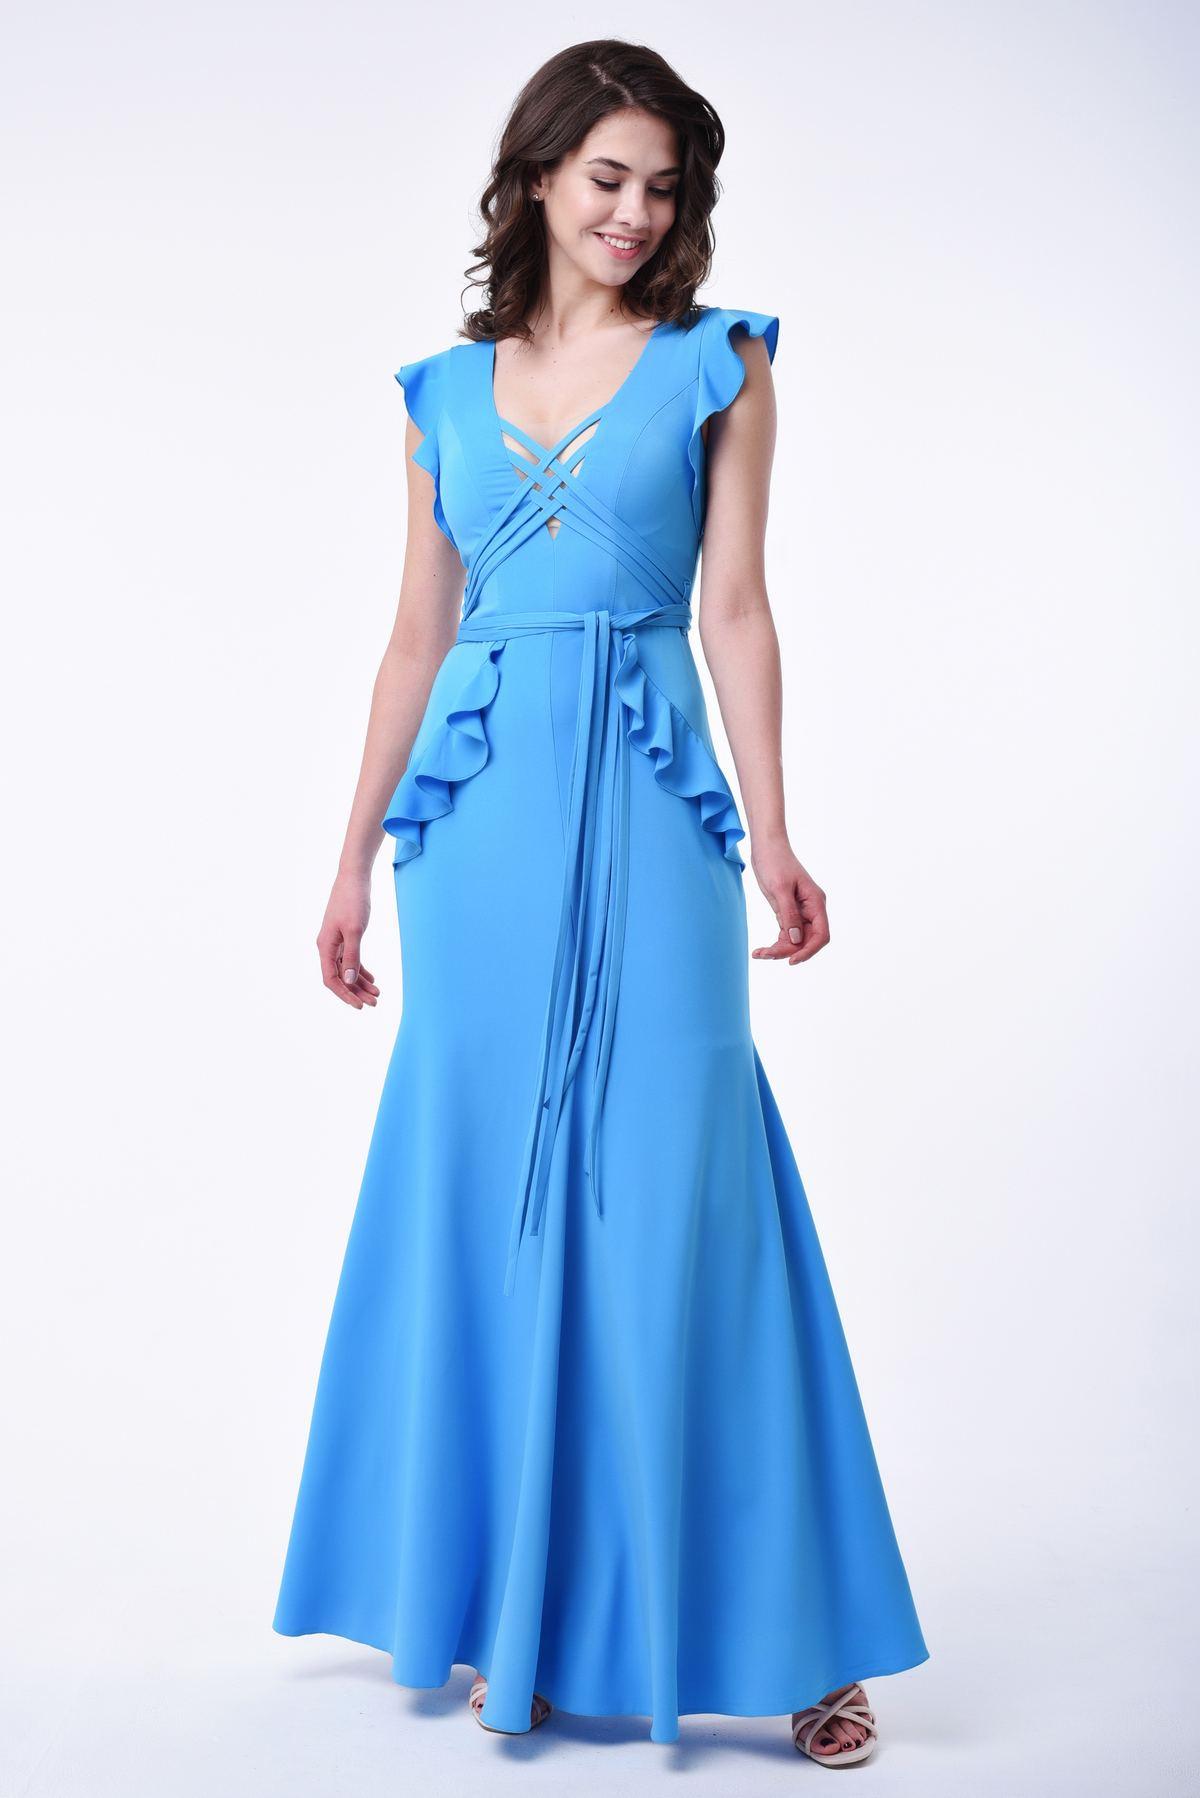 221660a58a07 Вечернее платье в пол с рюшами RM1835-18VP, голубой, нажмите для увеличения